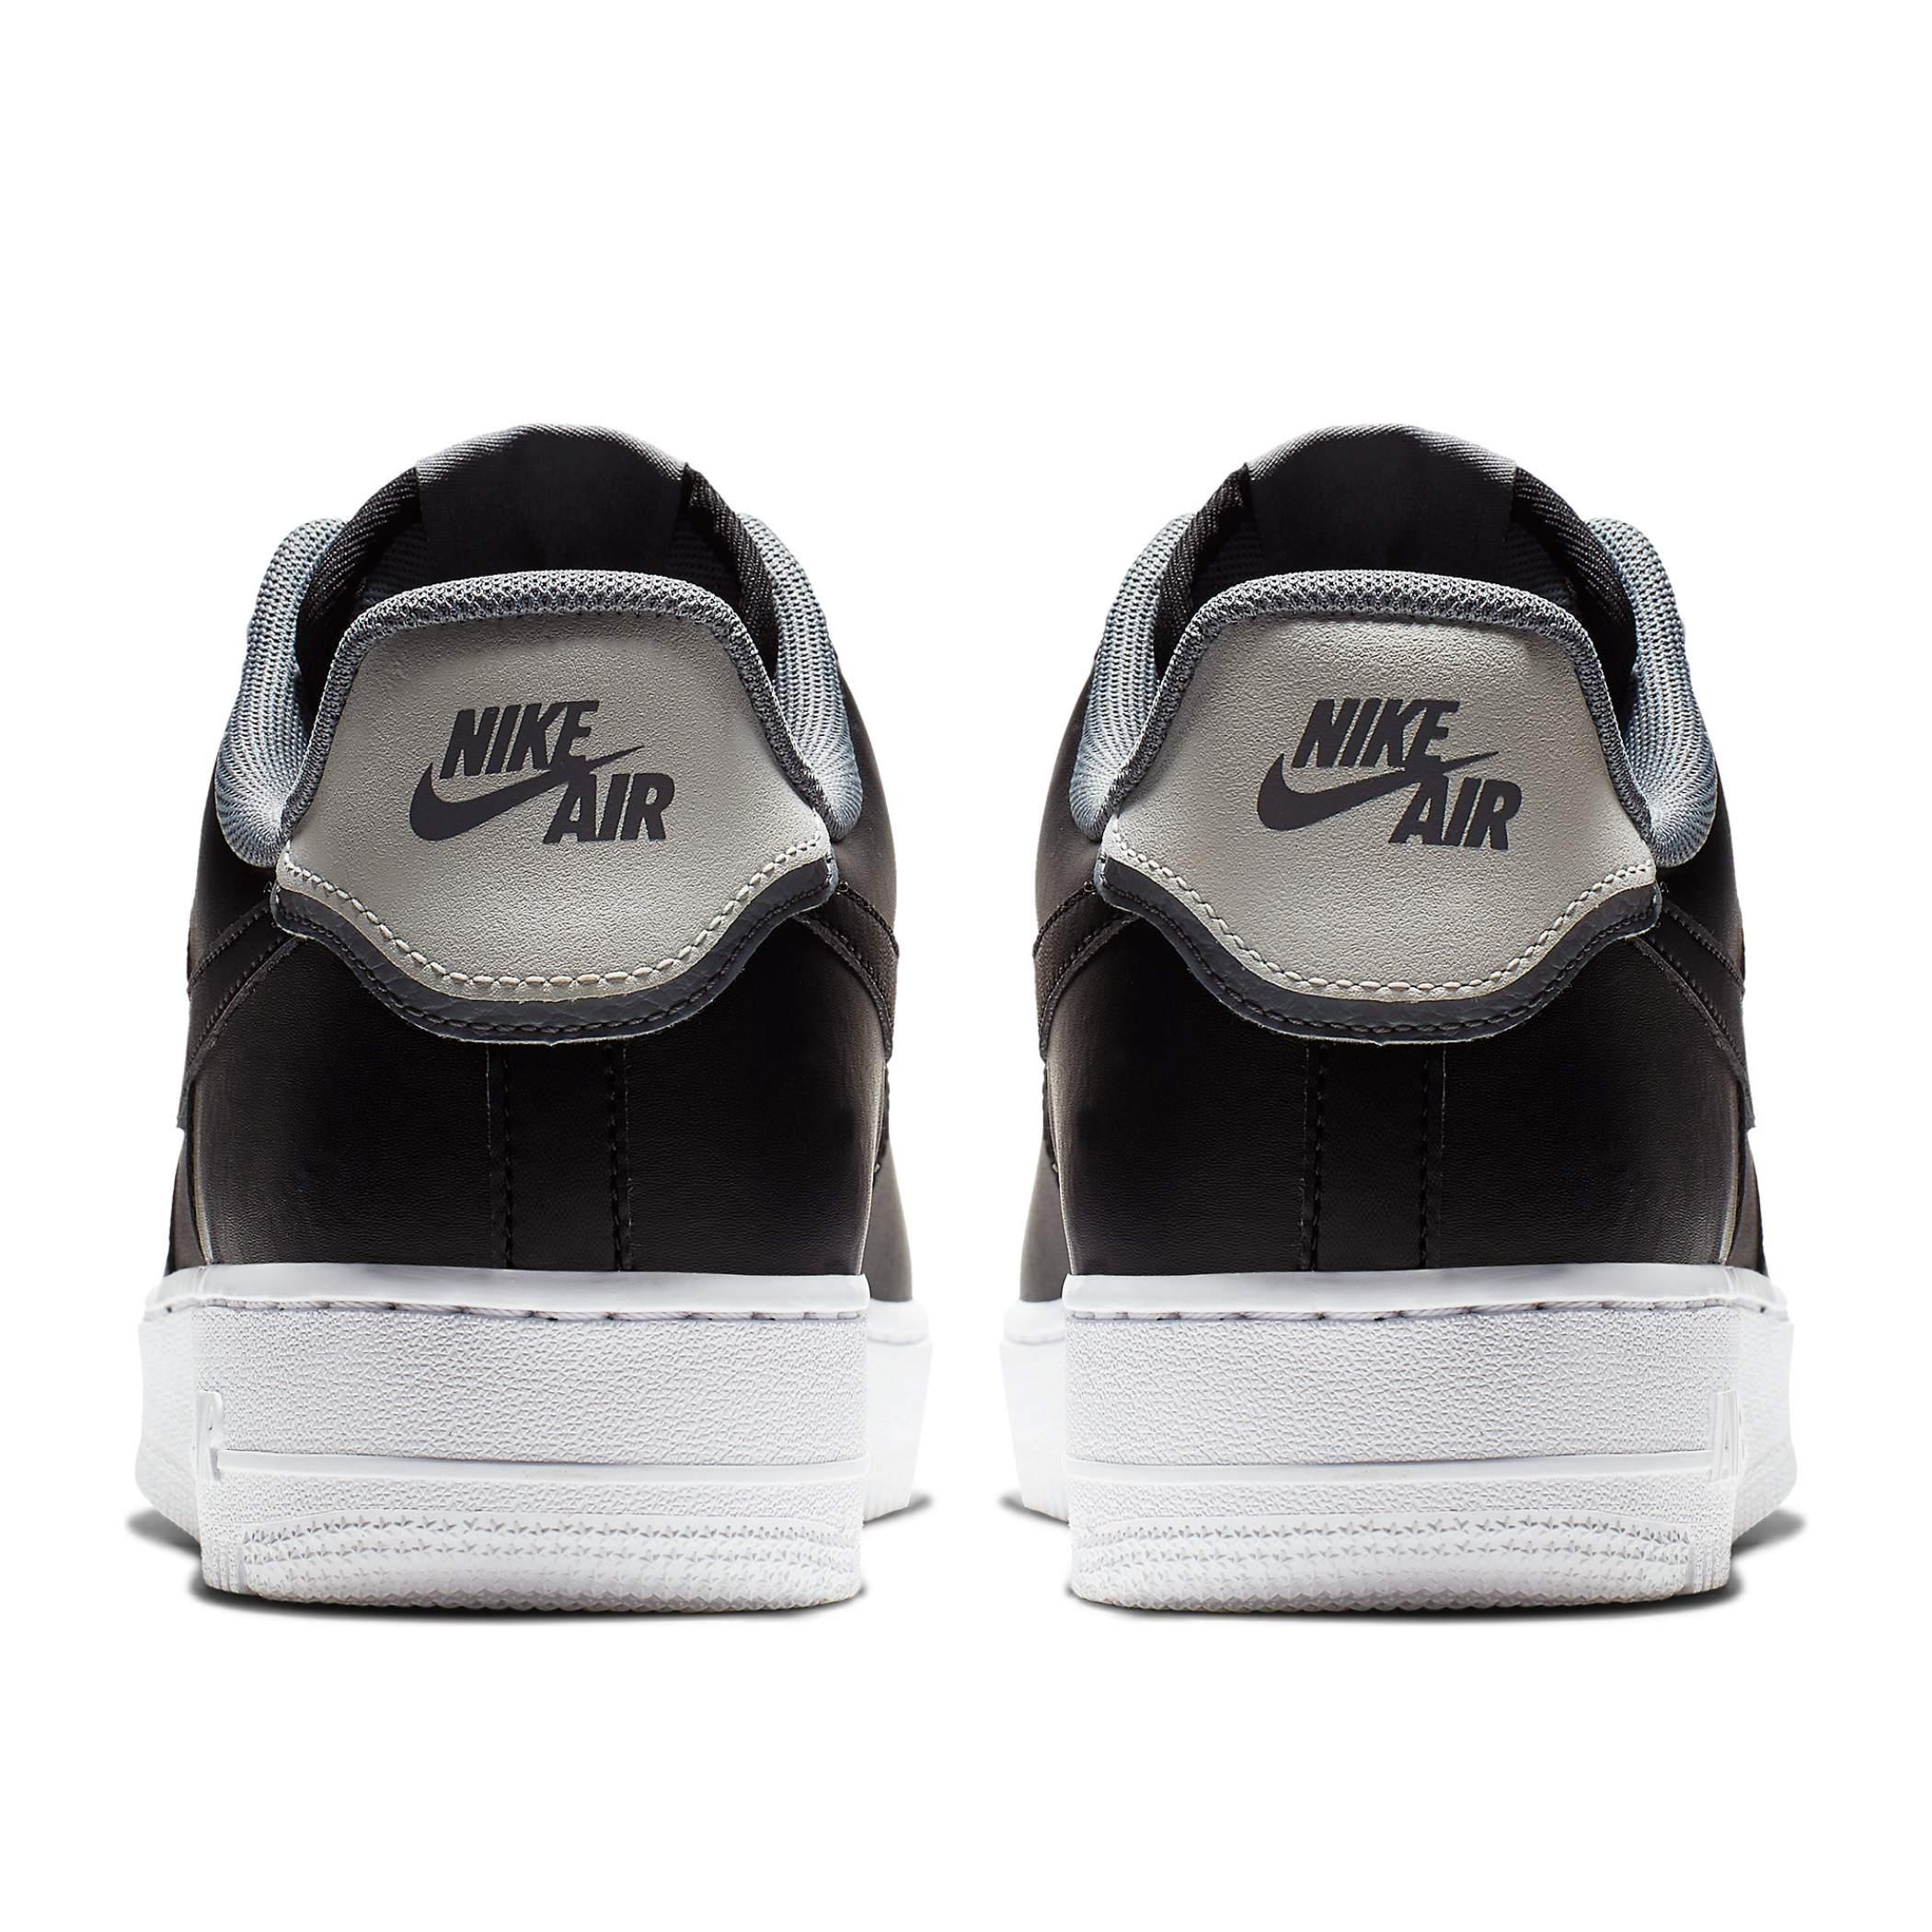 dea48a8a Кроссовки Air Force 1 от Nike (AO2439-002) - продажа, цена, фото ...